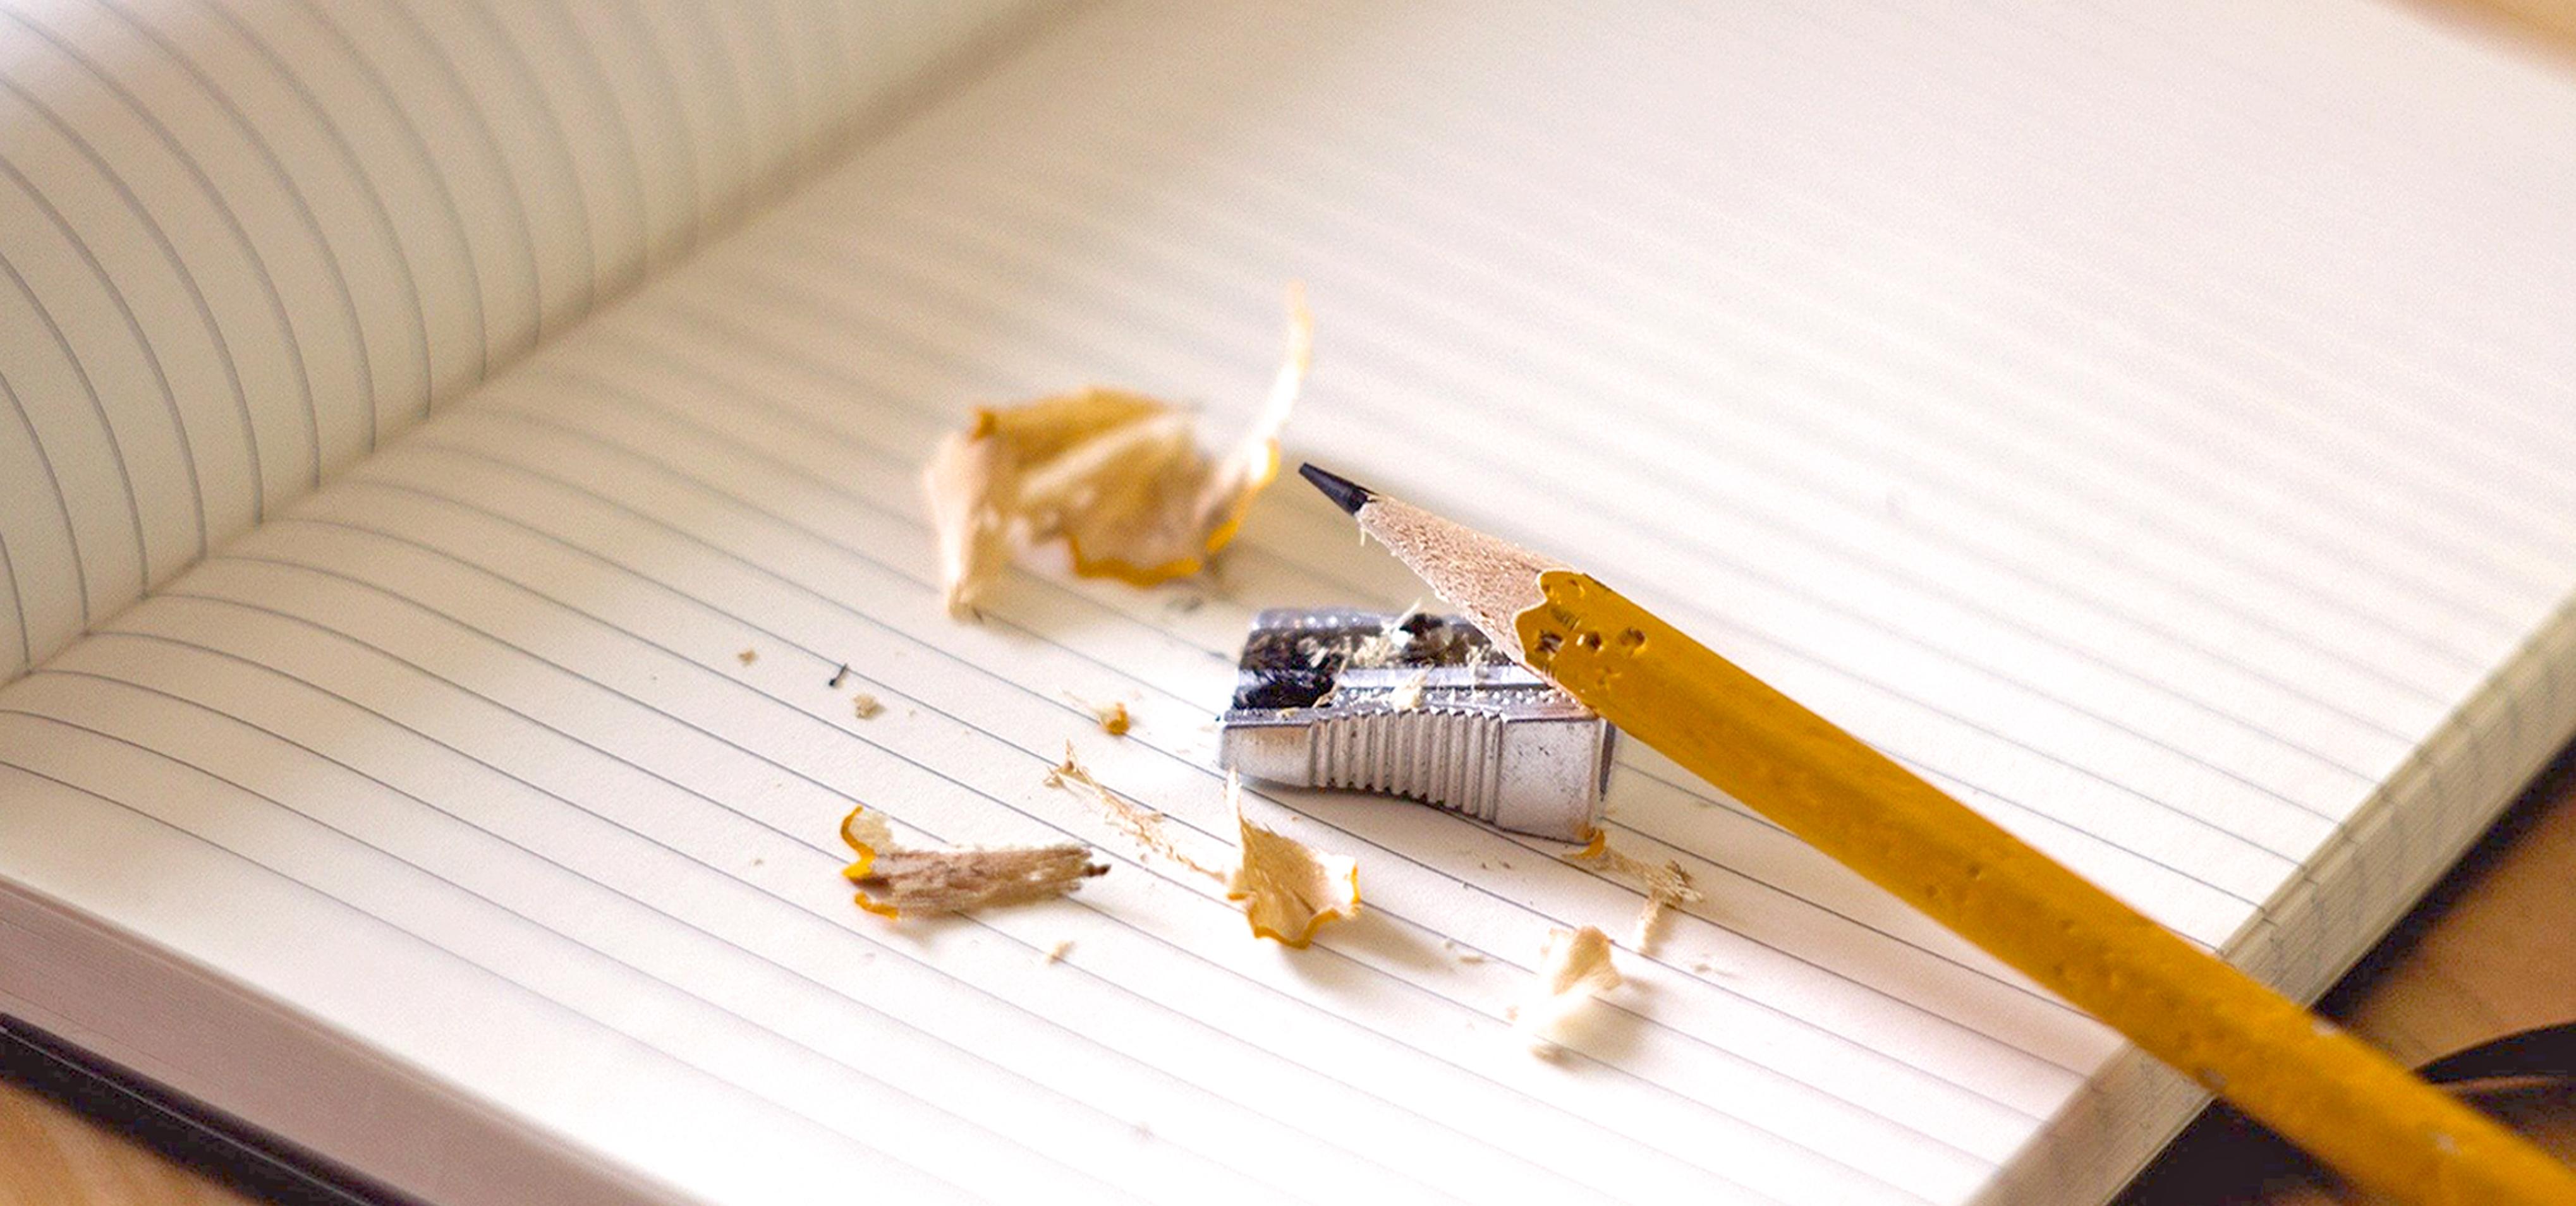 en bild på en penna som ska skriva en debattartikel